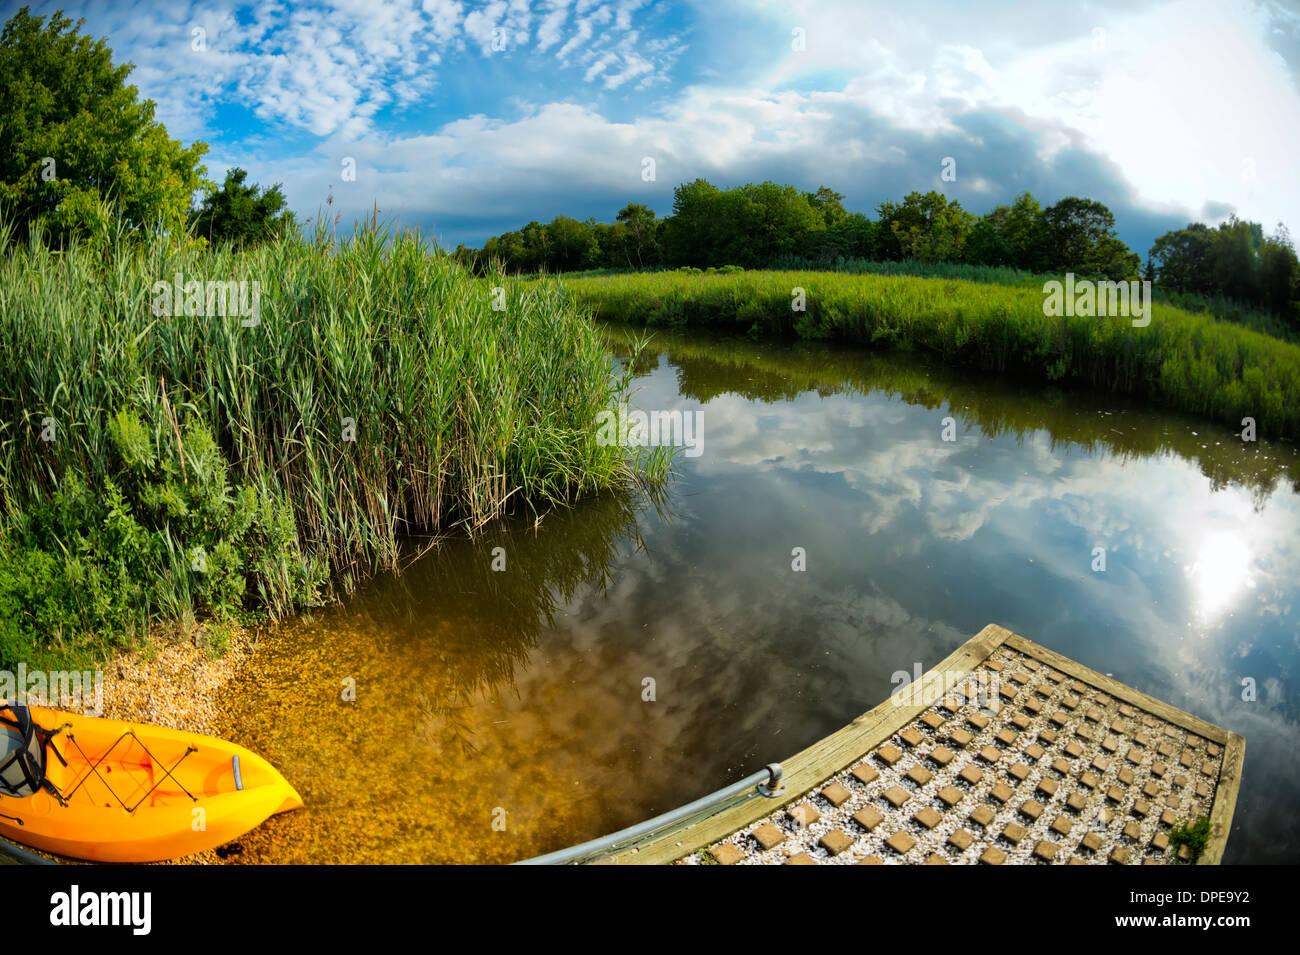 peaceful marshland stream with ramp, orange kayak, reflections of sky, a serene 180 degree fish eye landscape Long Island, NY US - Stock Image